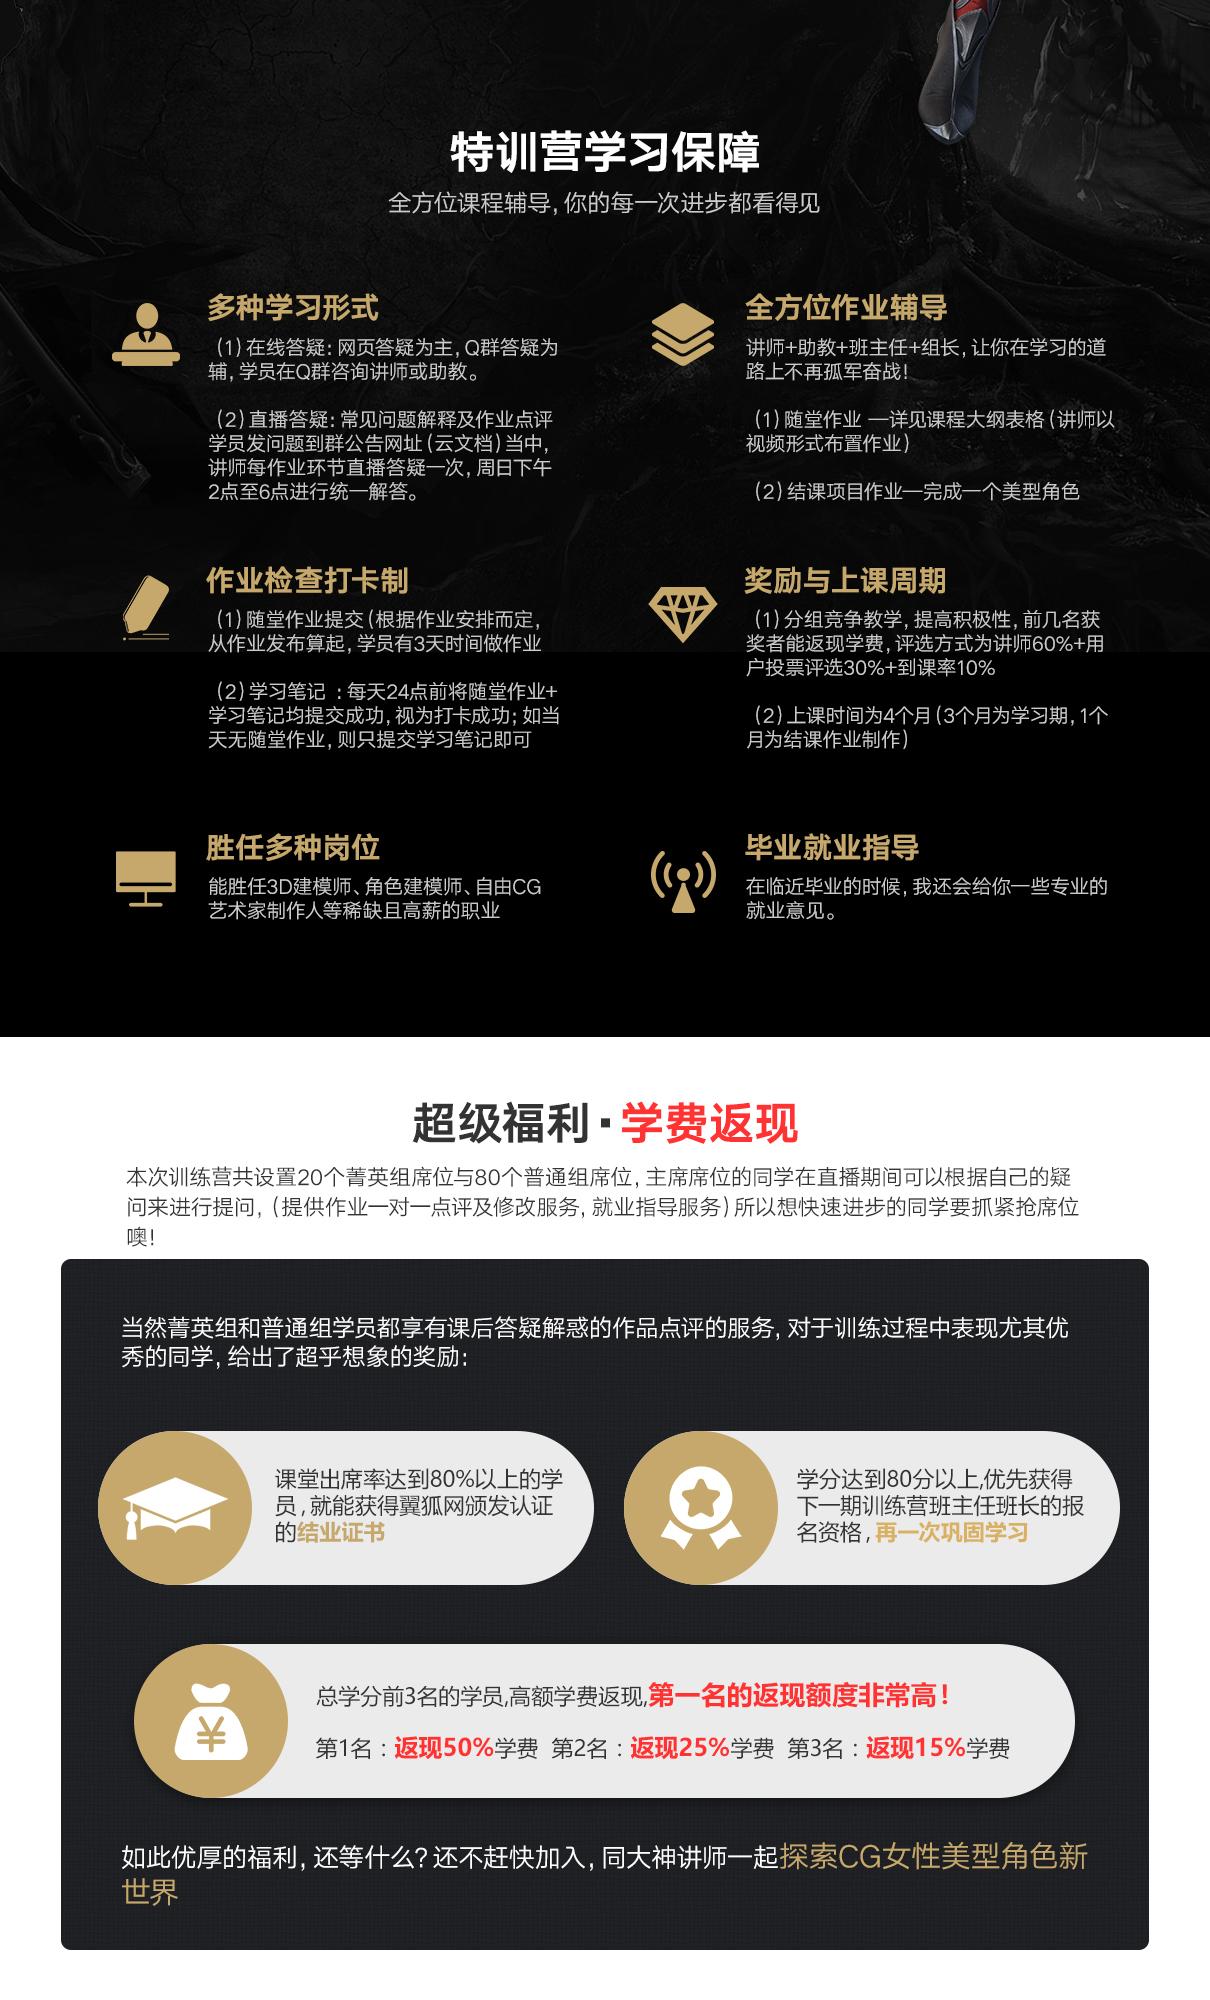 黄慧峰训练营详情_04.jpg